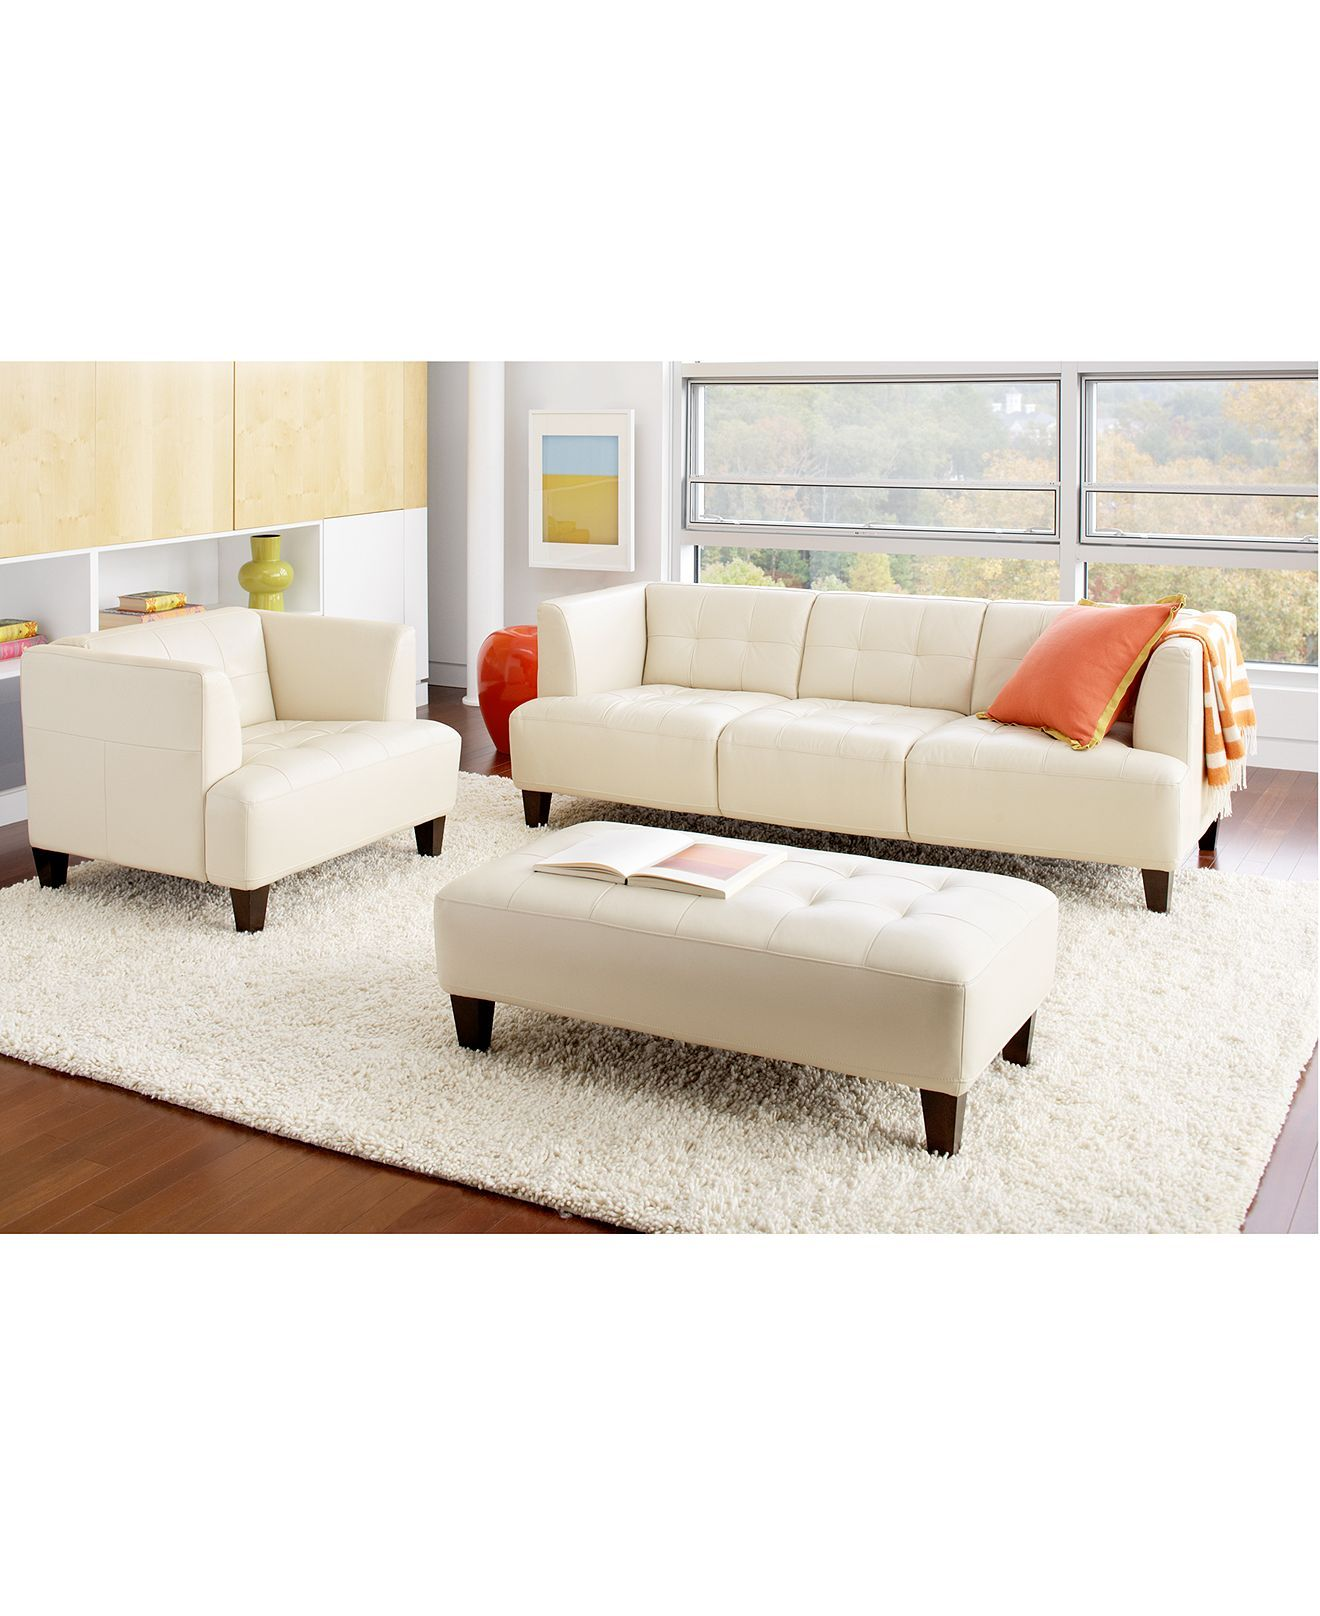 Alessia Leather Sofa Living Room Furniture Sets Pieces Furniture Mac Leather Sofa Living Room Buy Living Room Furniture Living Room Furniture Collections